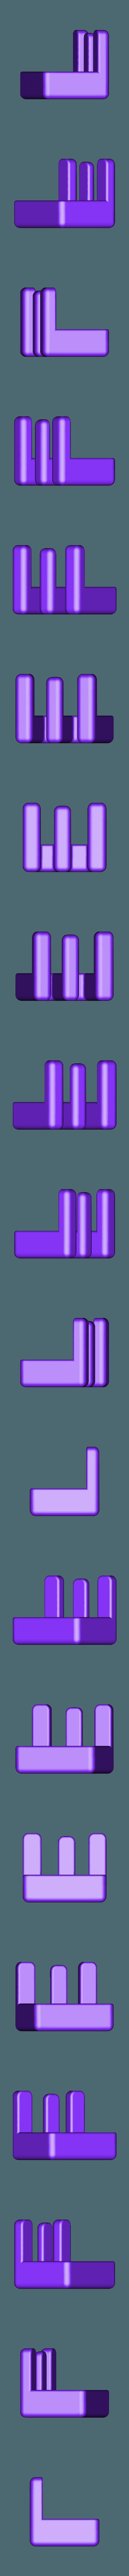 LoveHate_3D_optical_illusion_E-E.stl Télécharger fichier STL gratuit L'amour et la haine - illusion d'optique • Modèle pour impression 3D, fusefactory